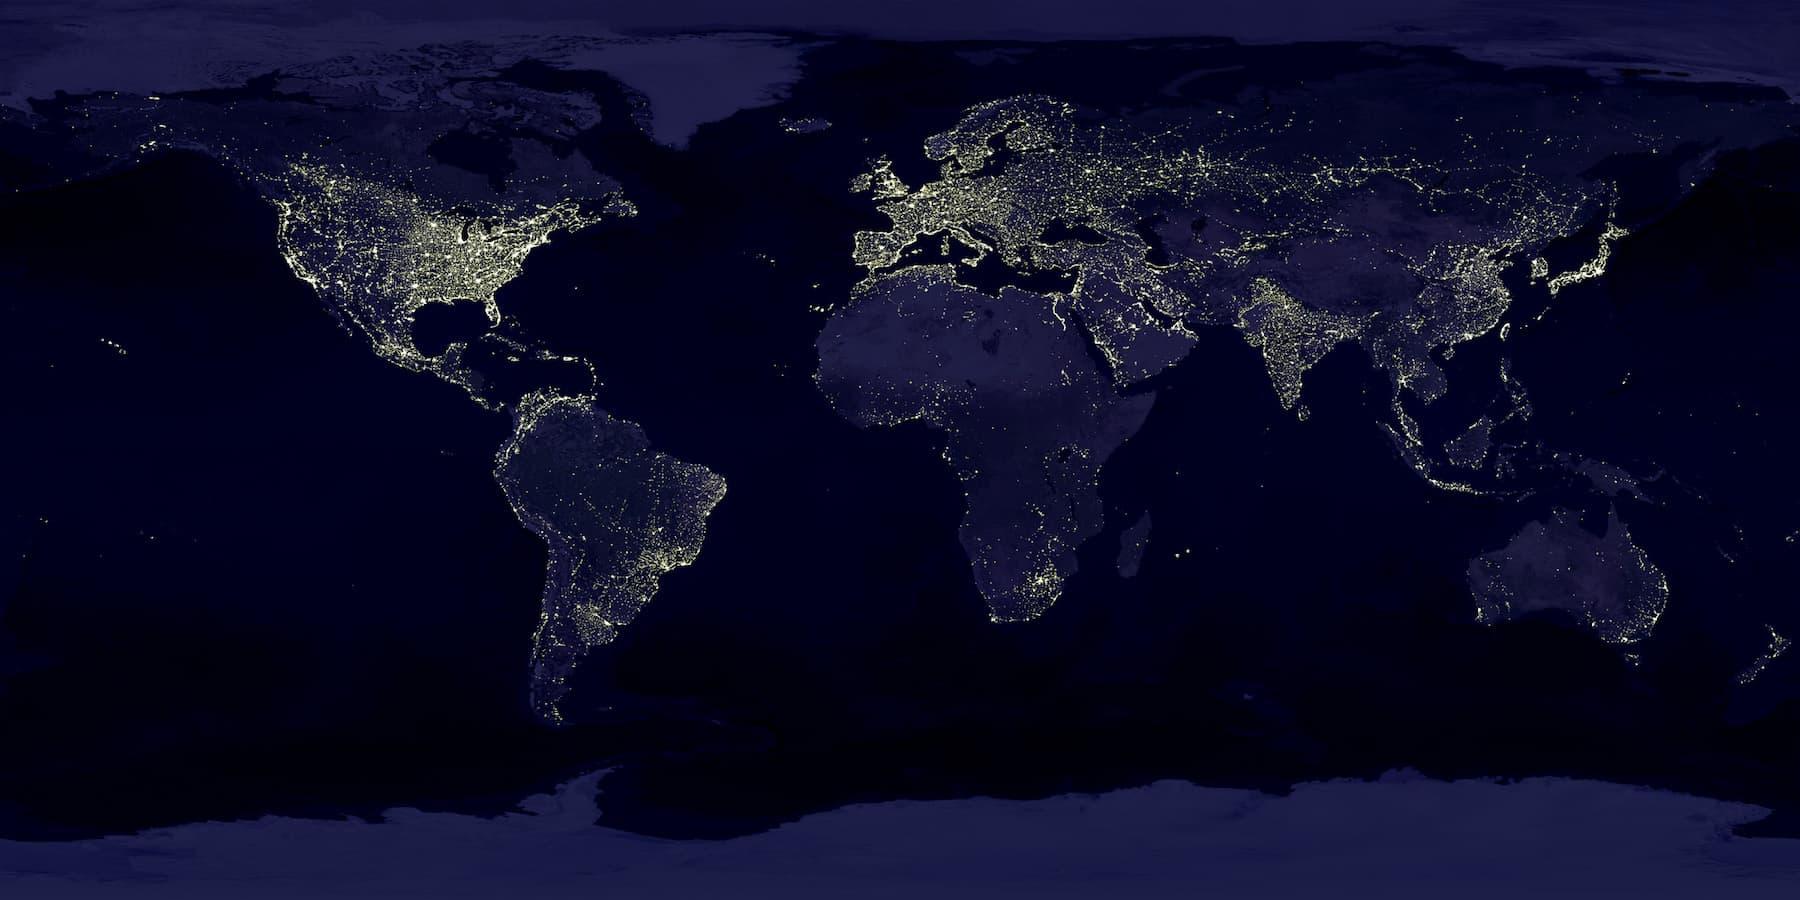 Night lights' map